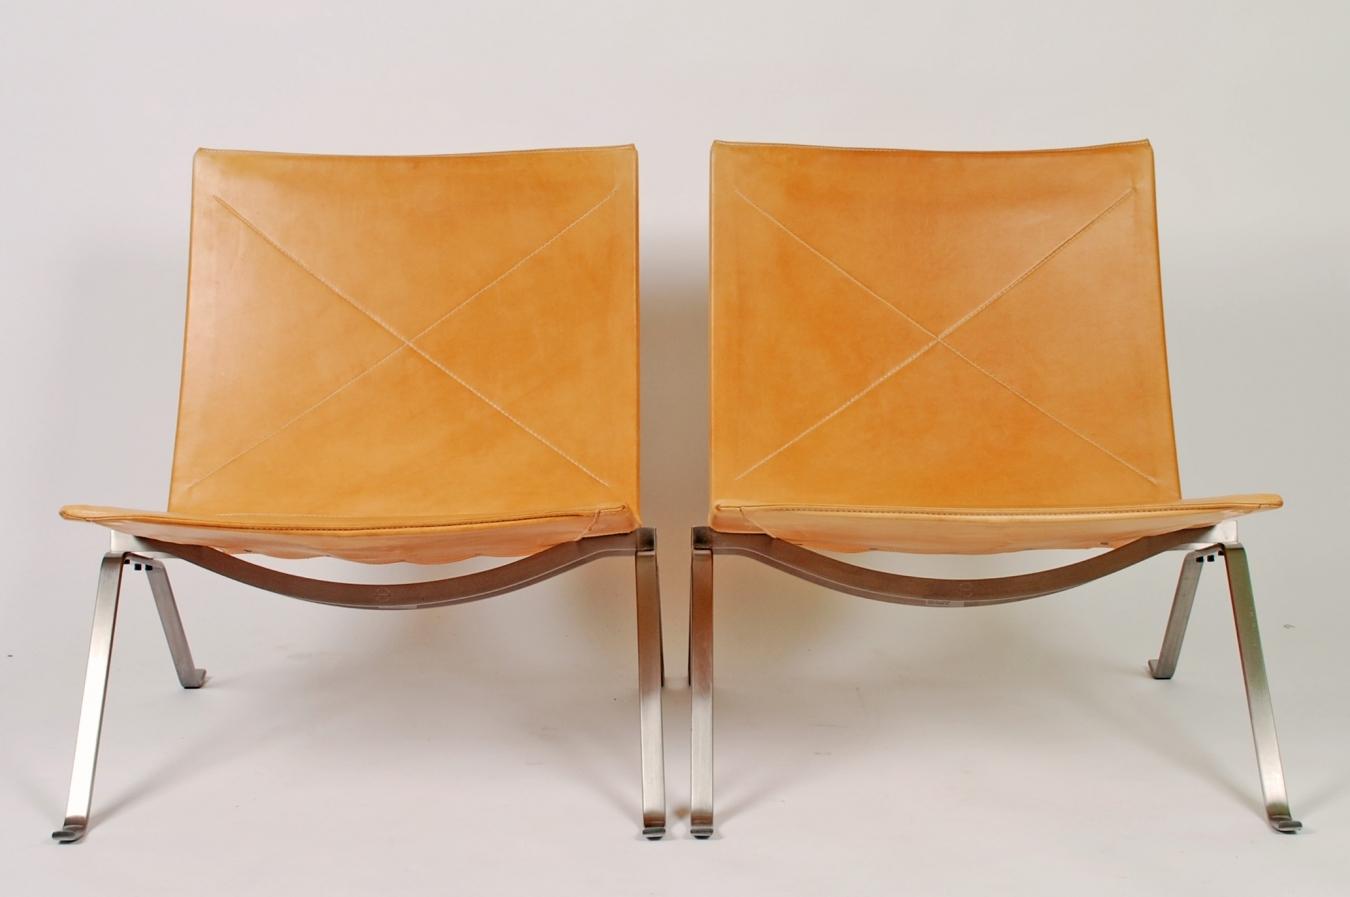 Poul Kjaerholm PK22 Chairs ...